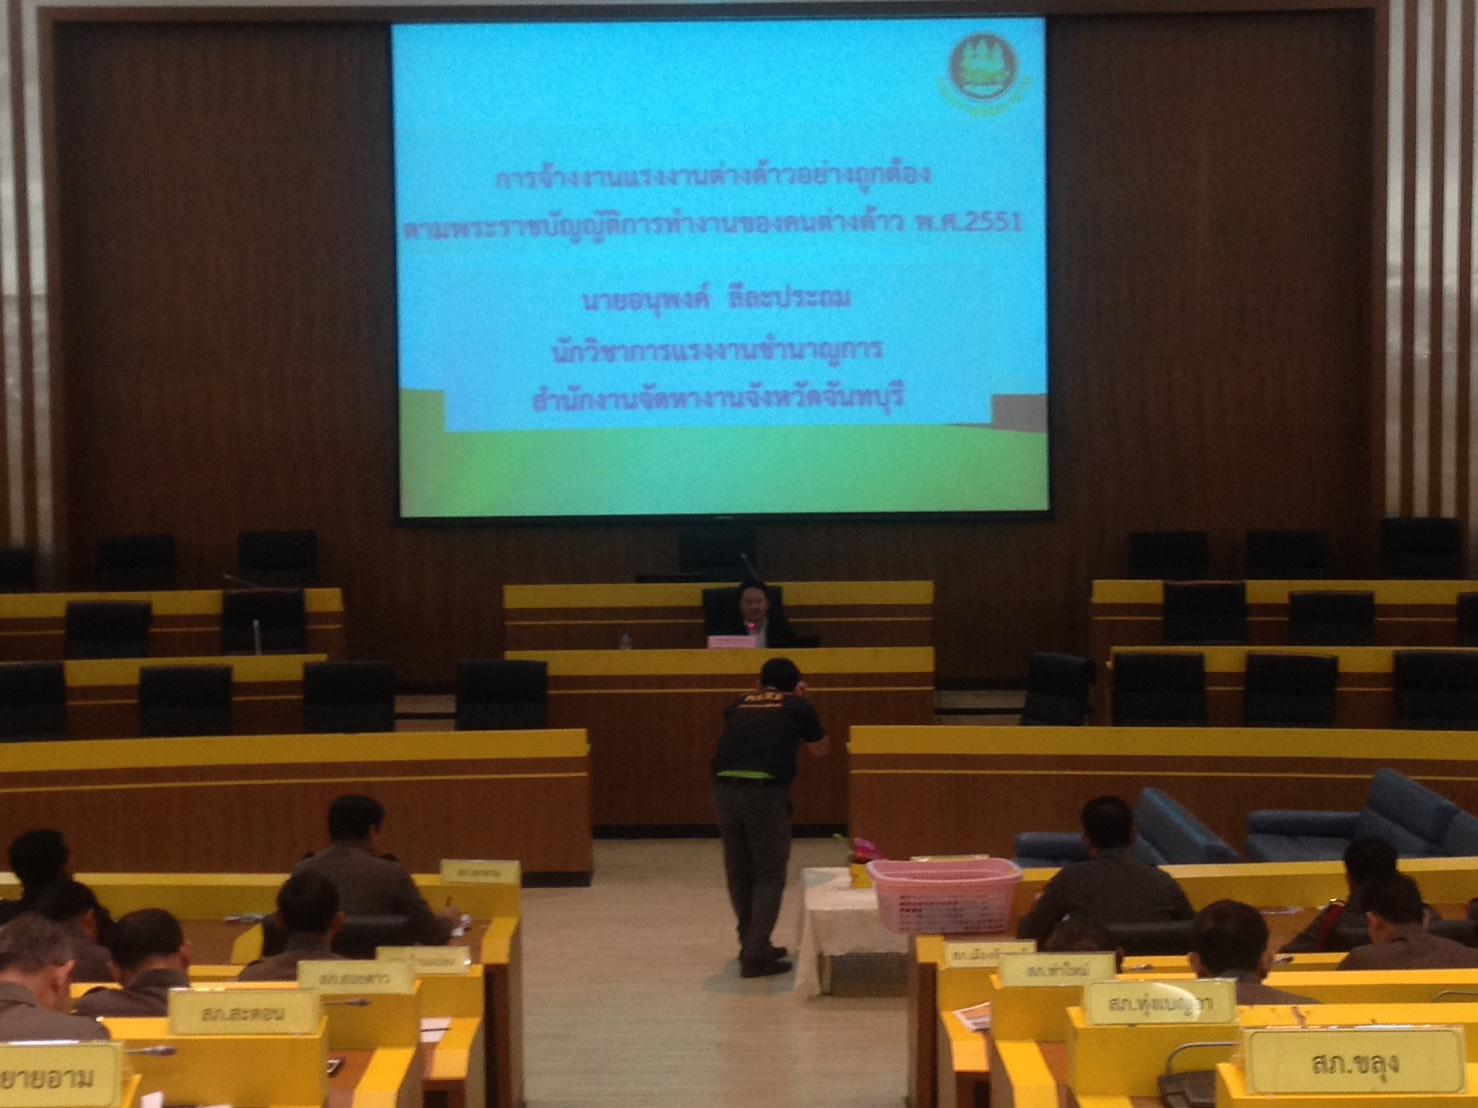 บรรยายให้ความรู้ข้าราชการตำรวจในสังกัดตำรวจภูธรจังหวัดจันทบุรี